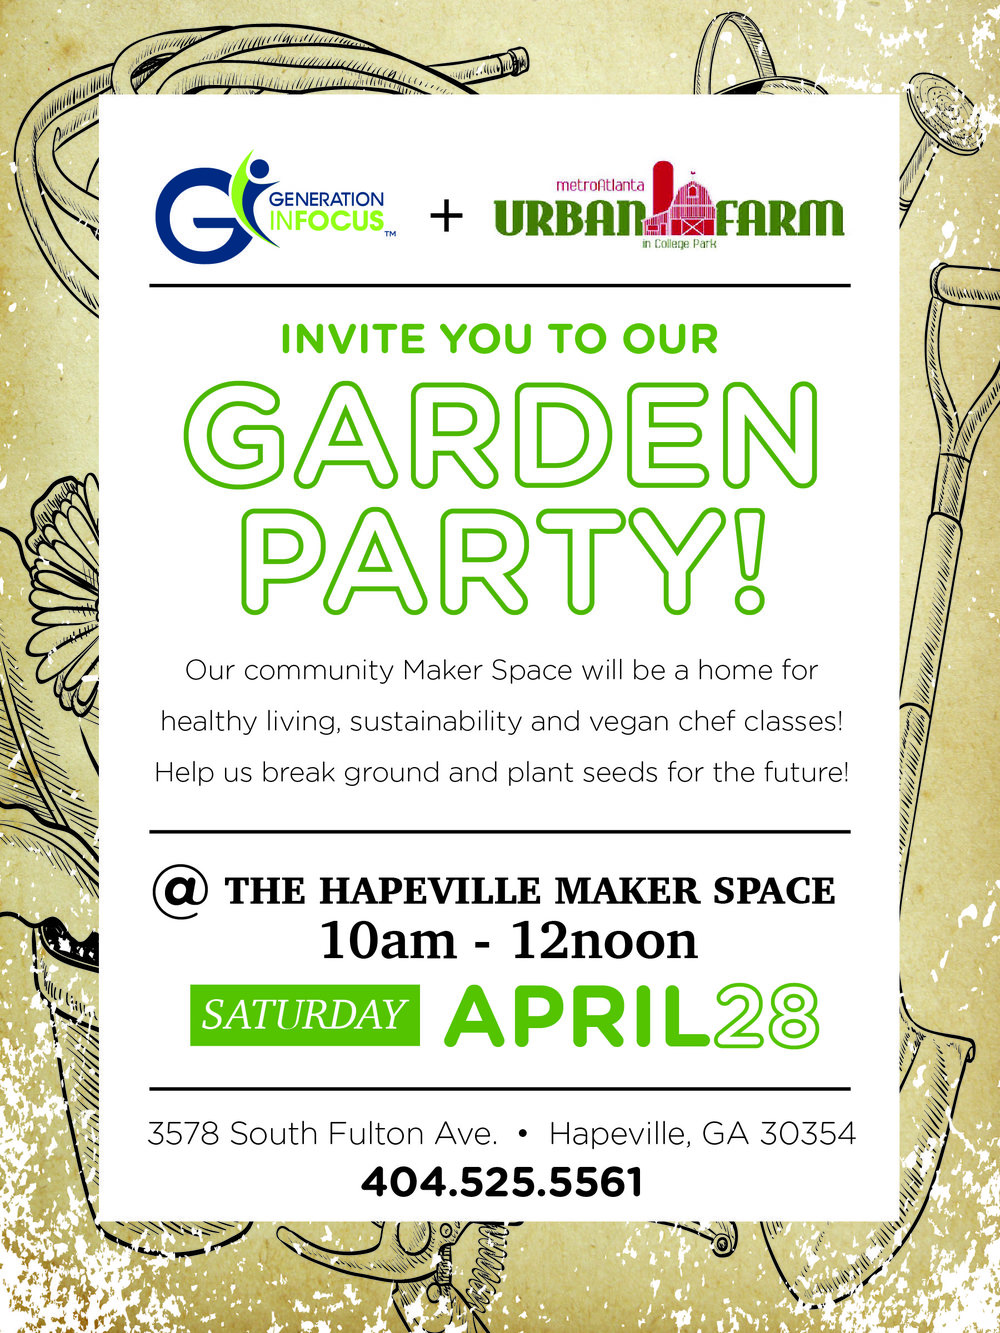 GardenParty_Invite2_Artboard 2.jpg